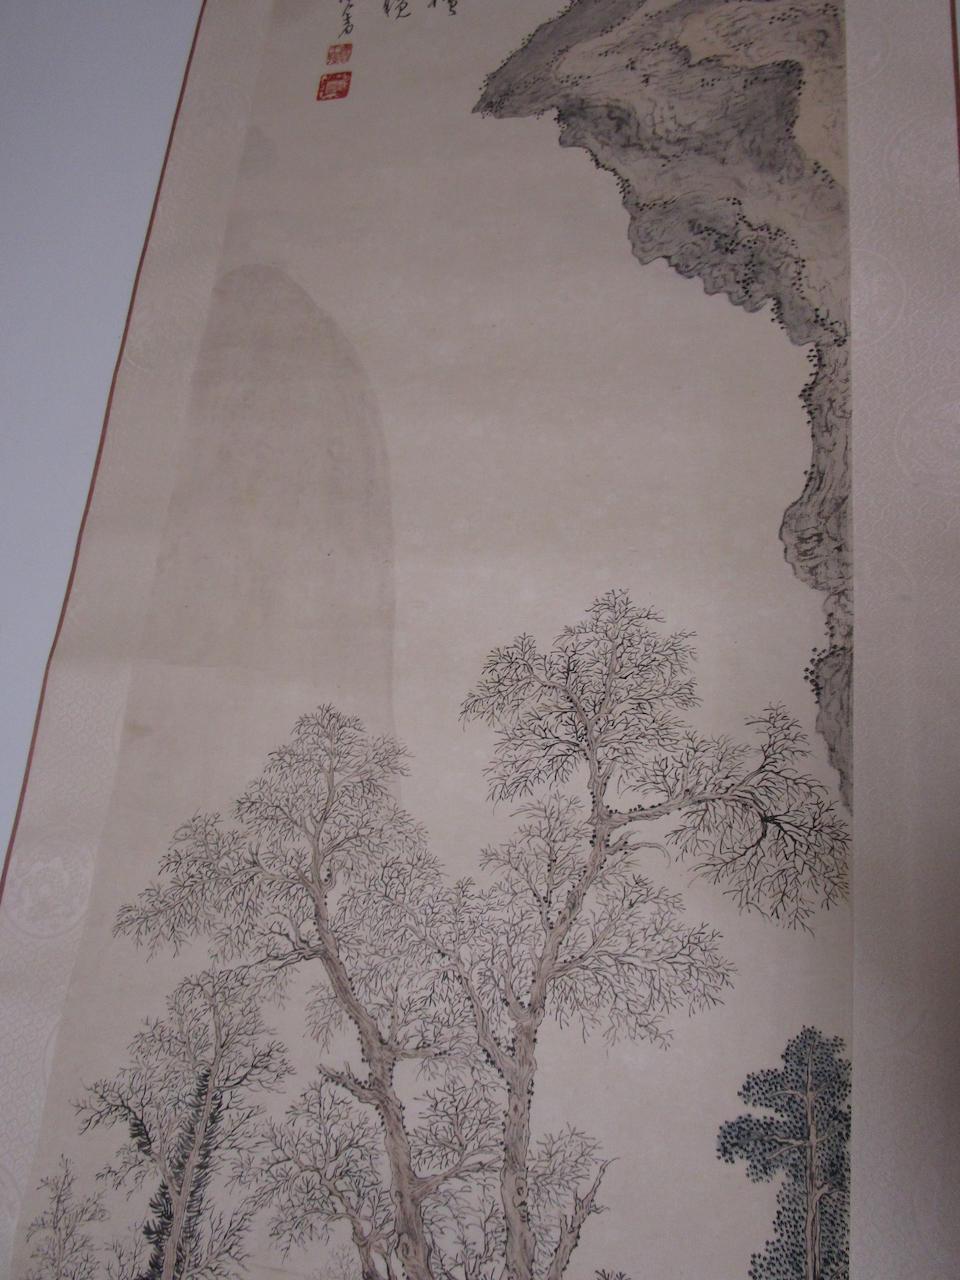 Pu Ru (1896-1963)  Landscape with Scholar in Red Robe, 1934